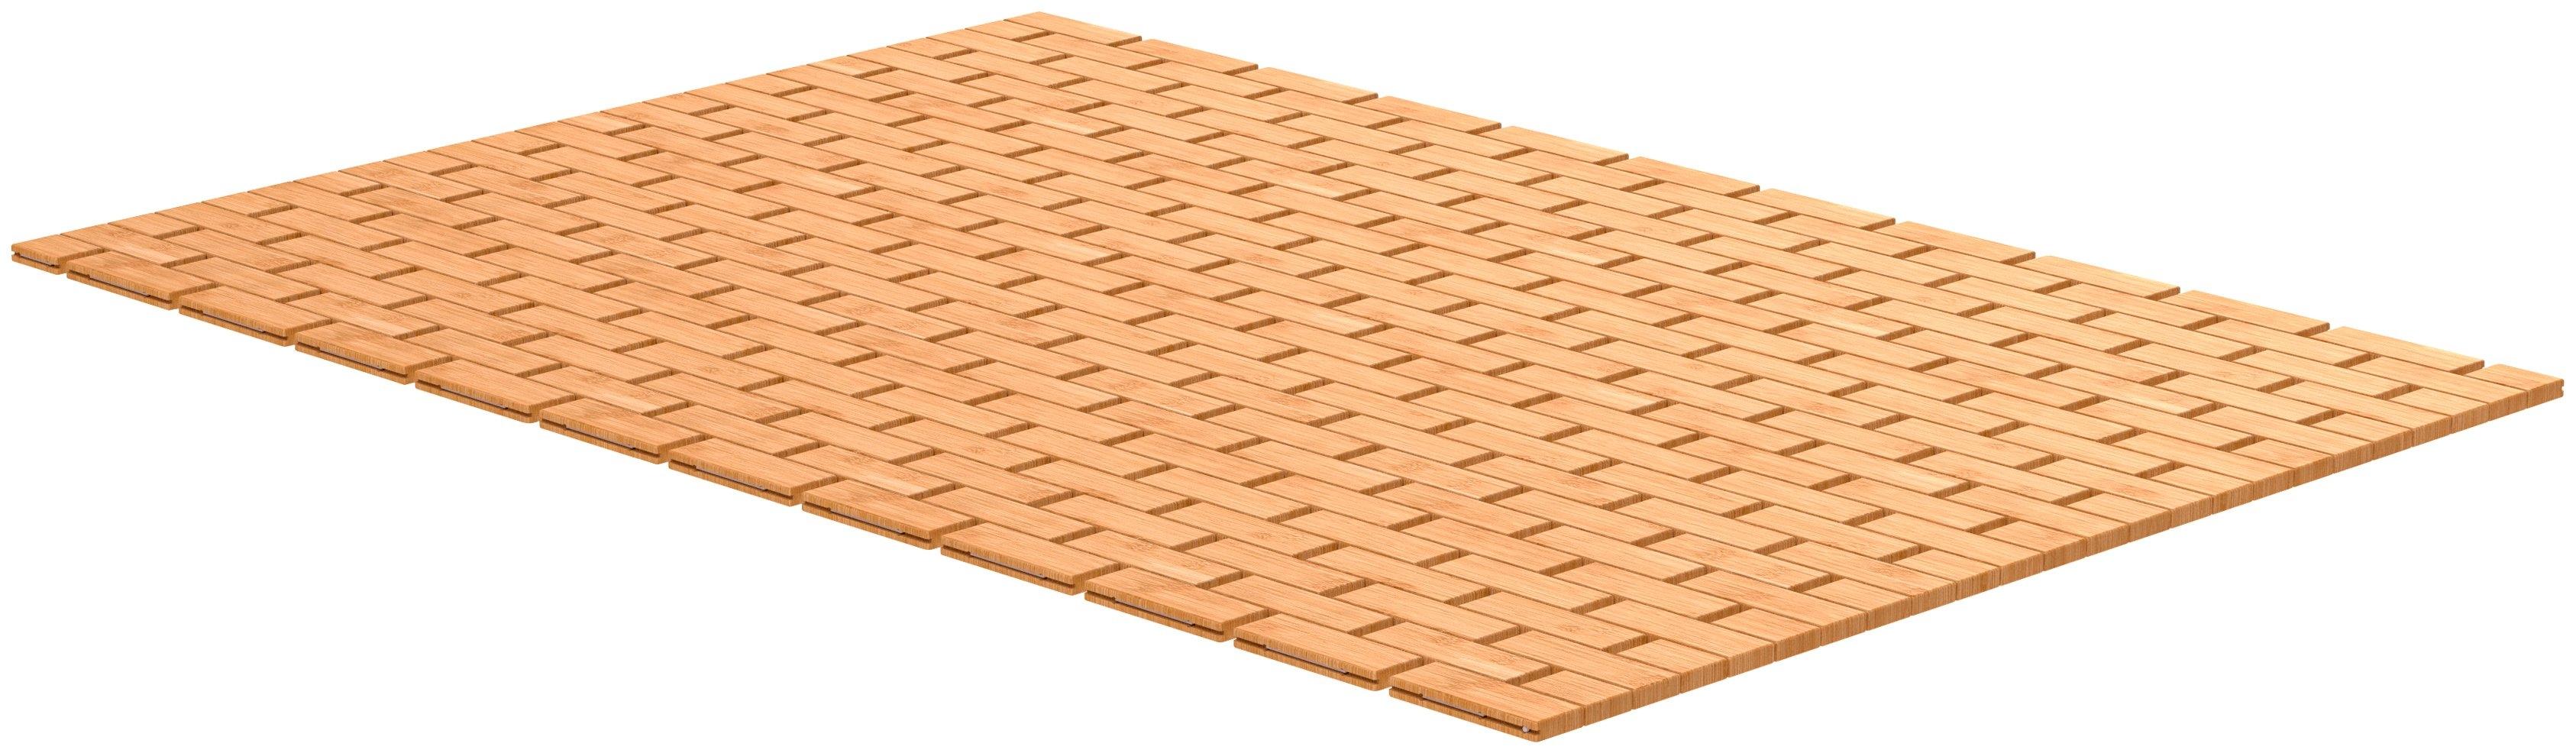 Eisl badmat (1 stuk) in de webshop van OTTO kopen